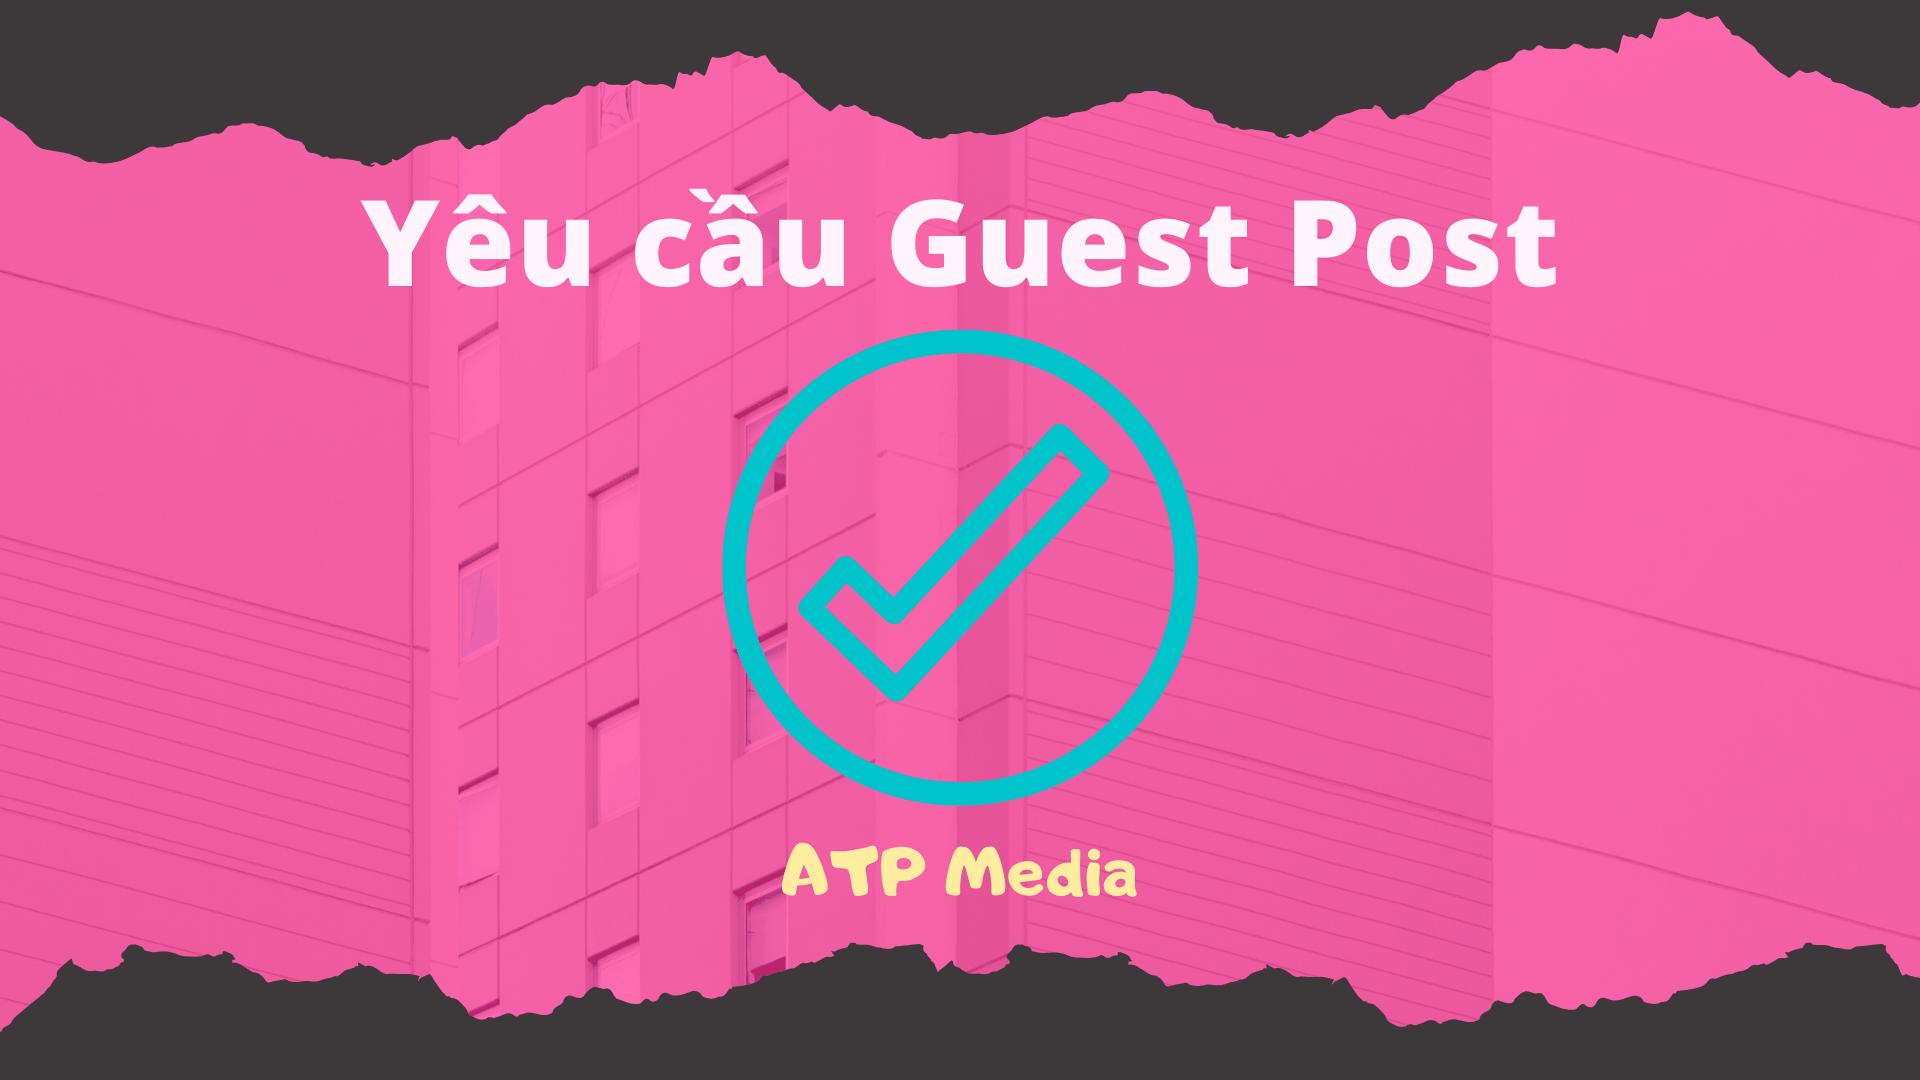 Yêu cầu Guest Post